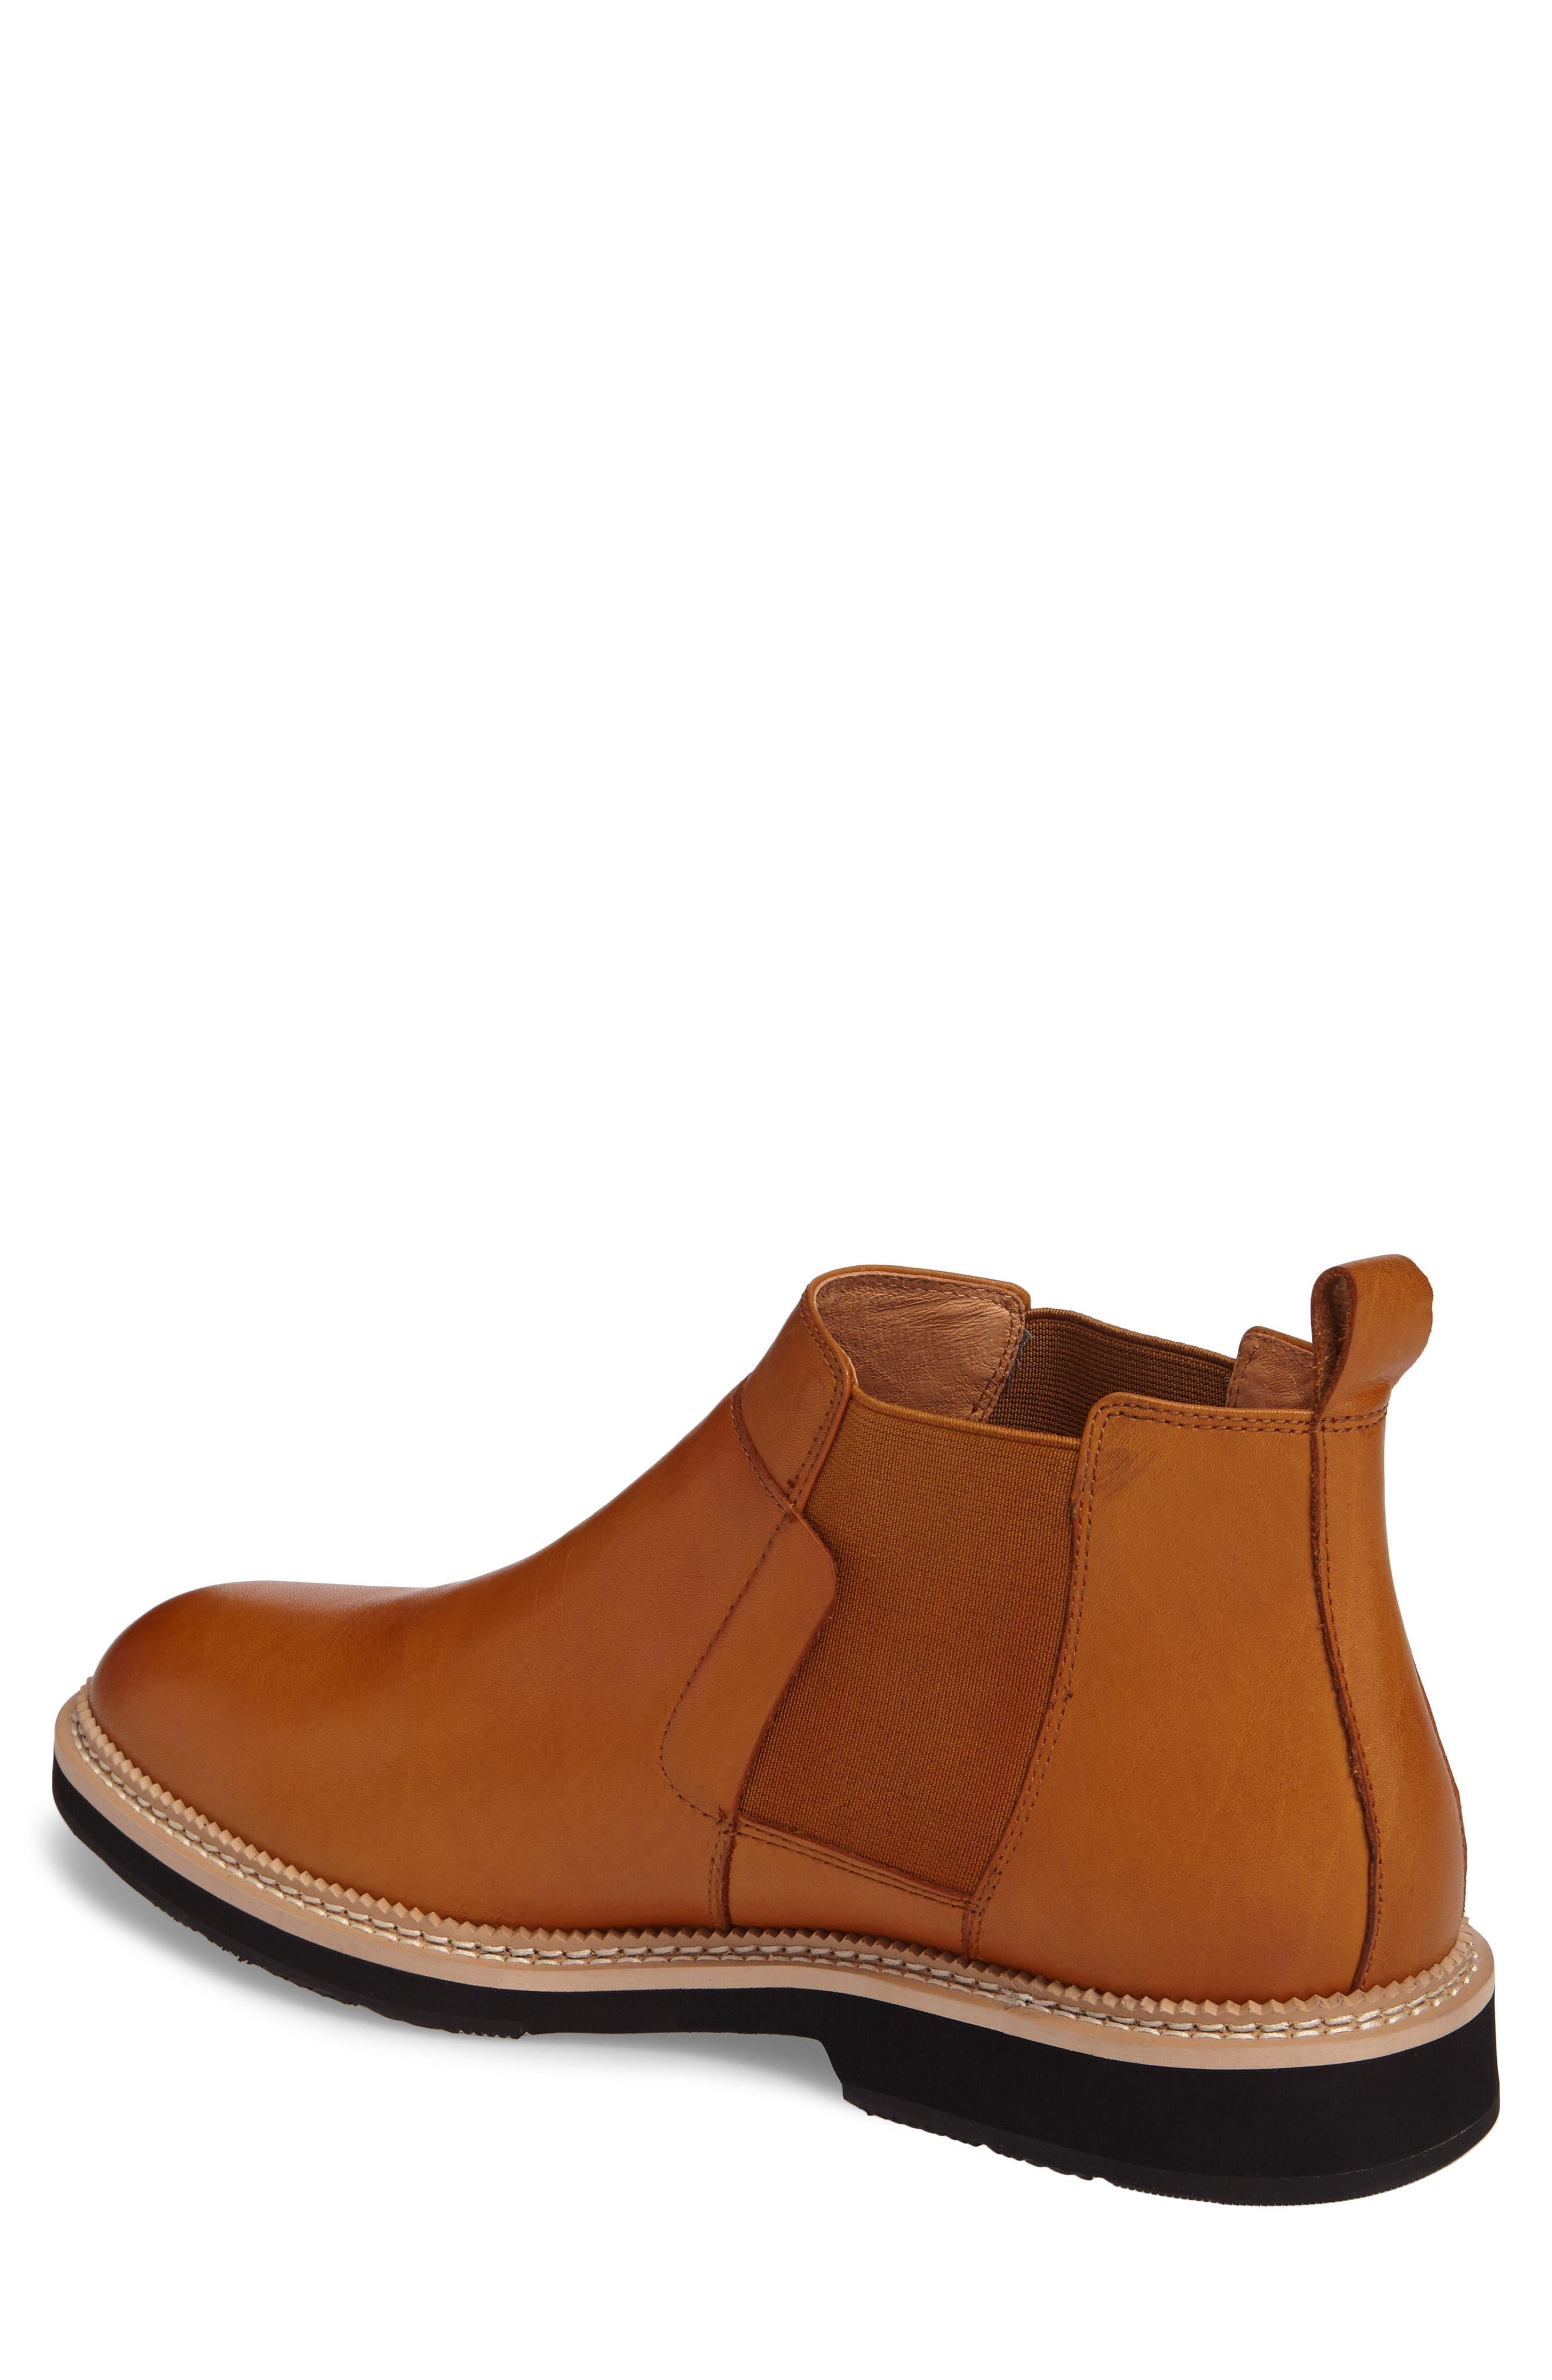 Garrad Chelsea Boot,                             Alternate thumbnail 2, color,                             Cognac Leather